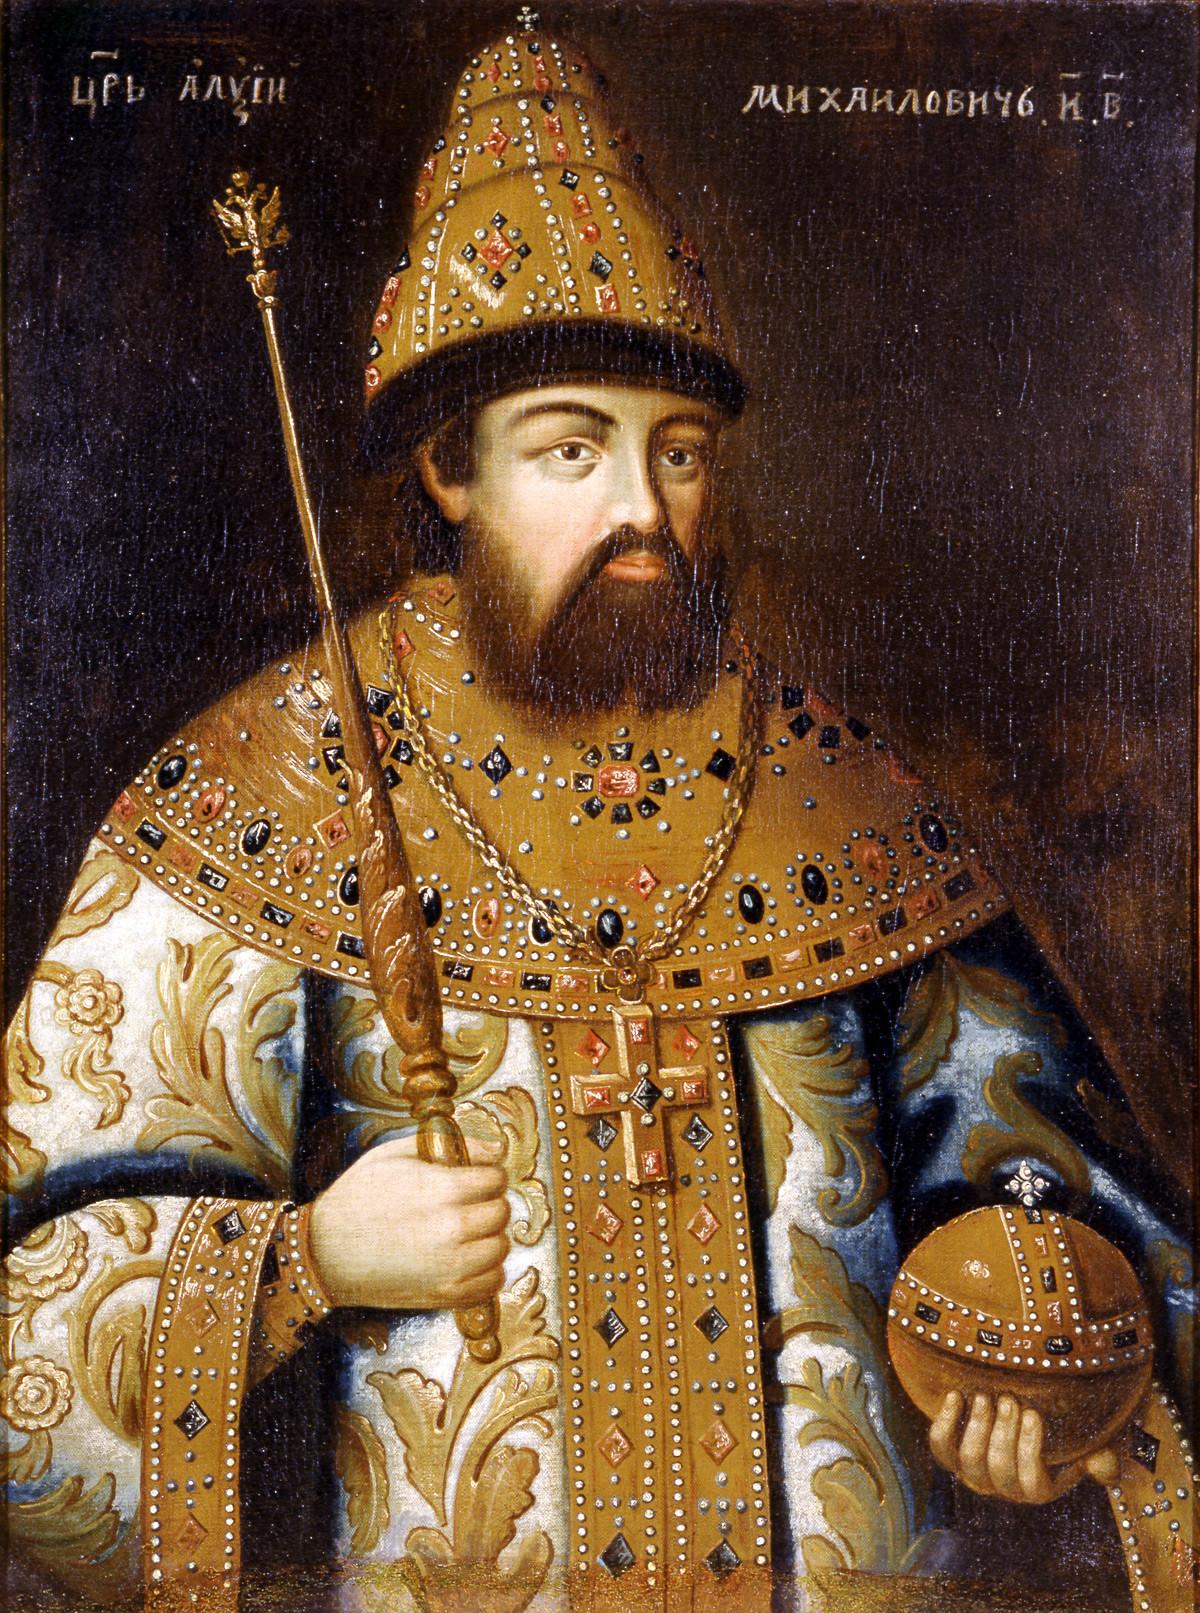 Aleksej I. (1629 - 1676), drugi ruski car iz dinastije Romanovih, ki je vladal med 1645-in 1676, oče Petra I. Velikega.